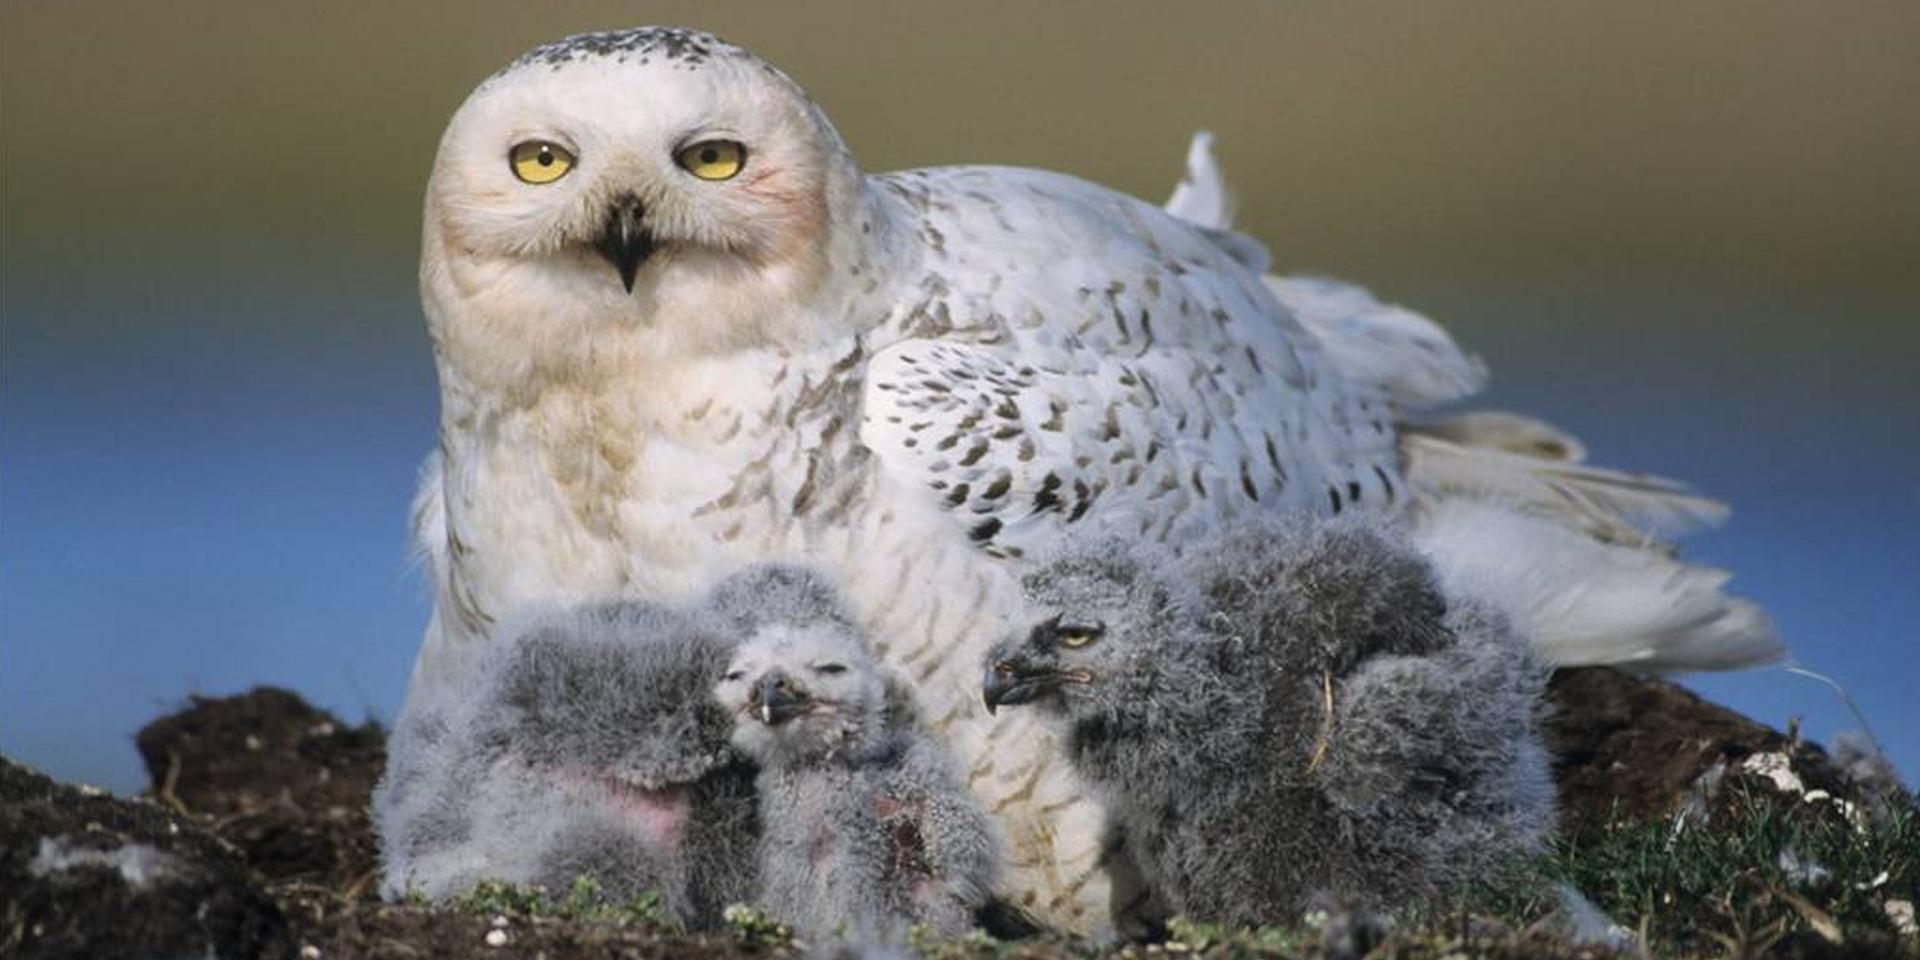 Nestkasten voor roofvogels